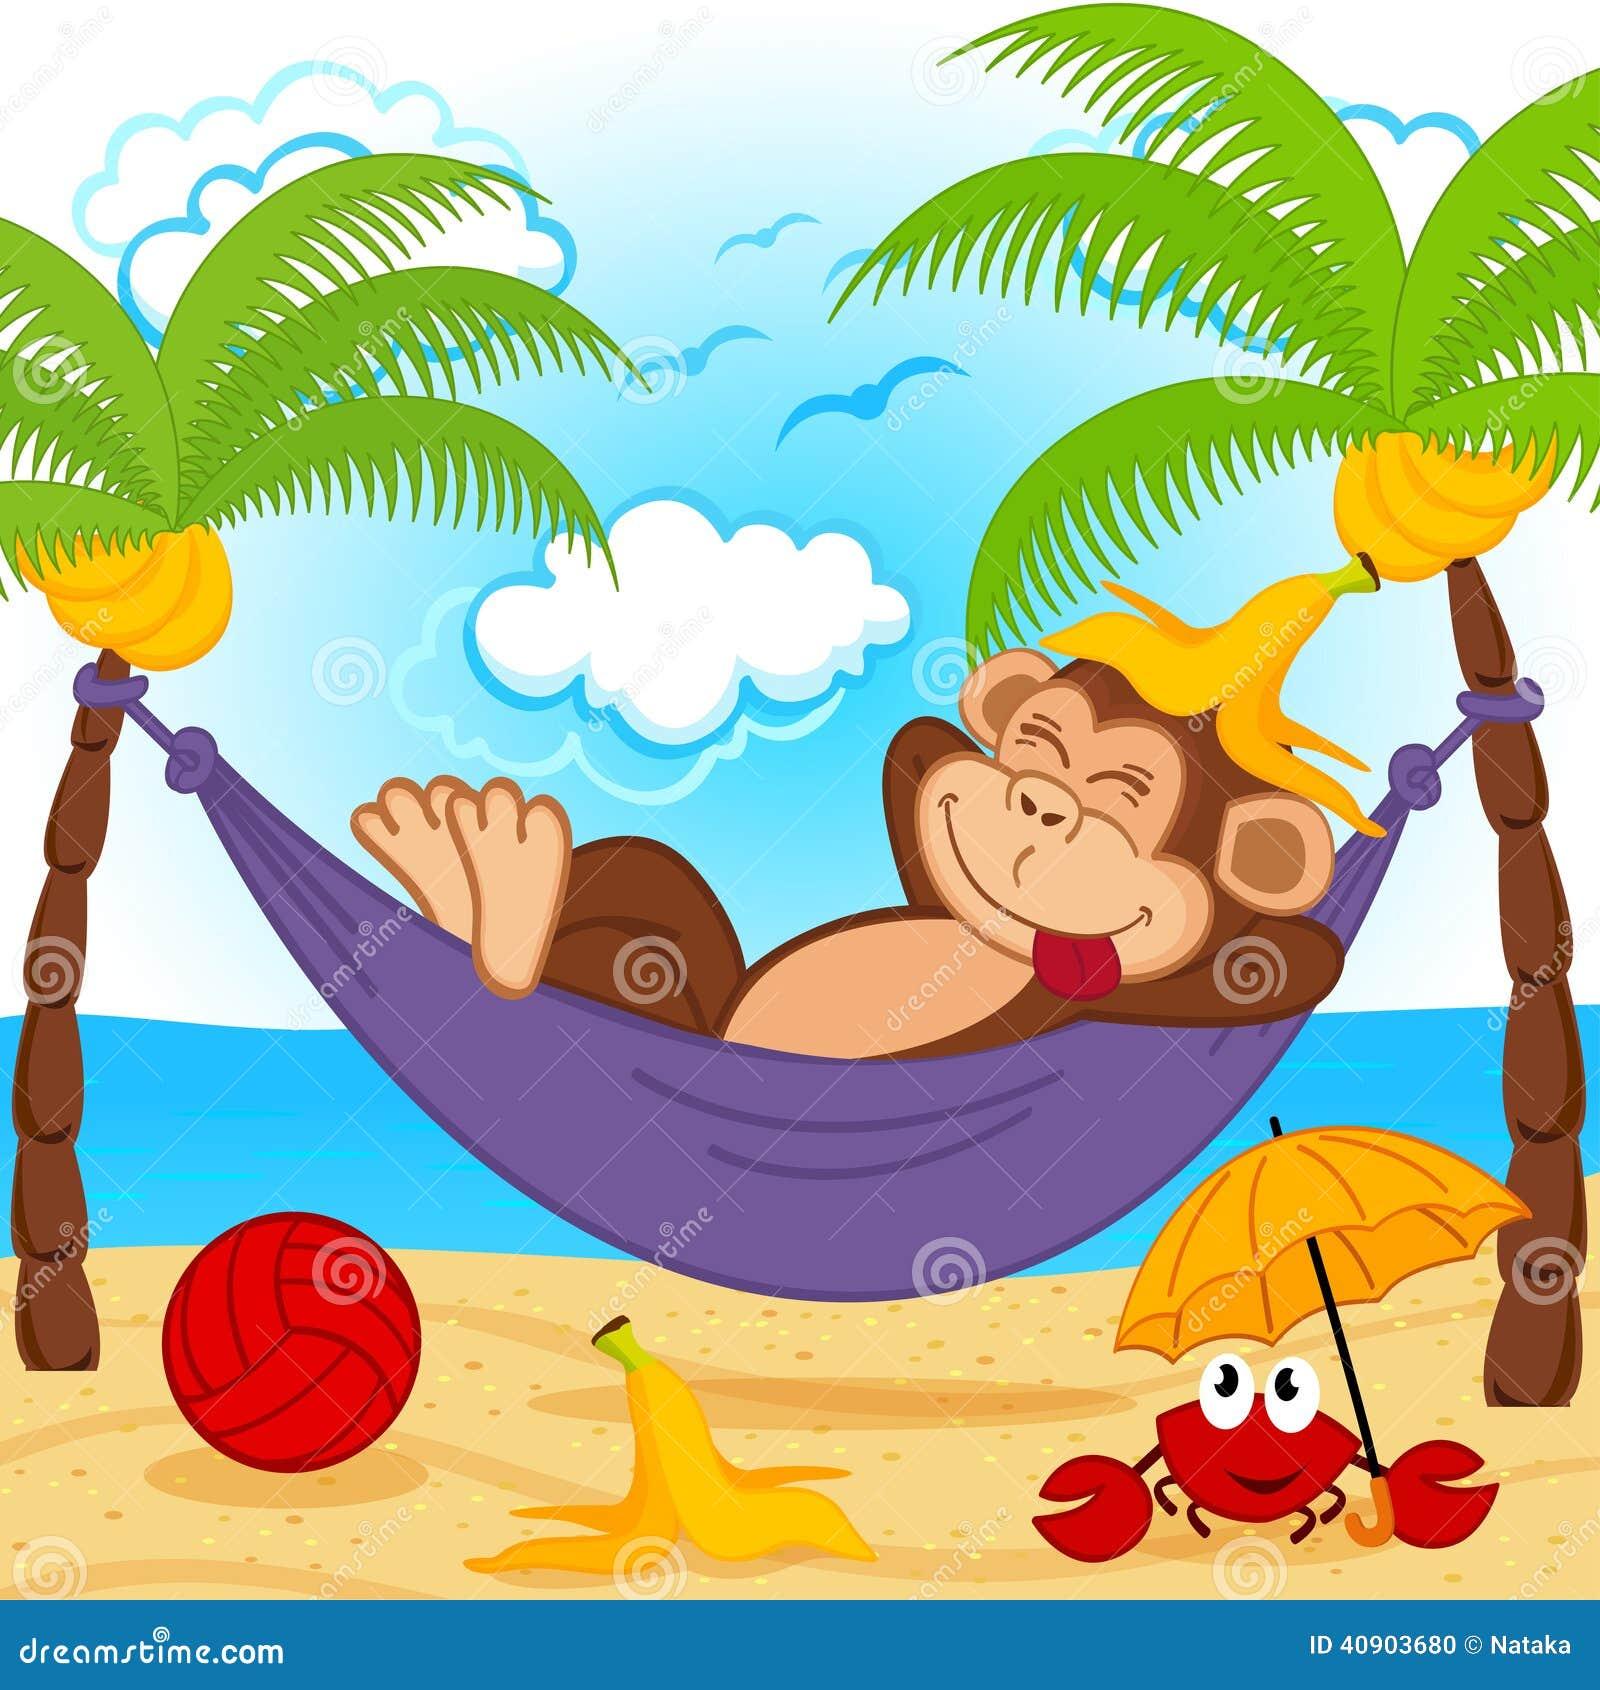 free clipart hammock cartoon - photo #20